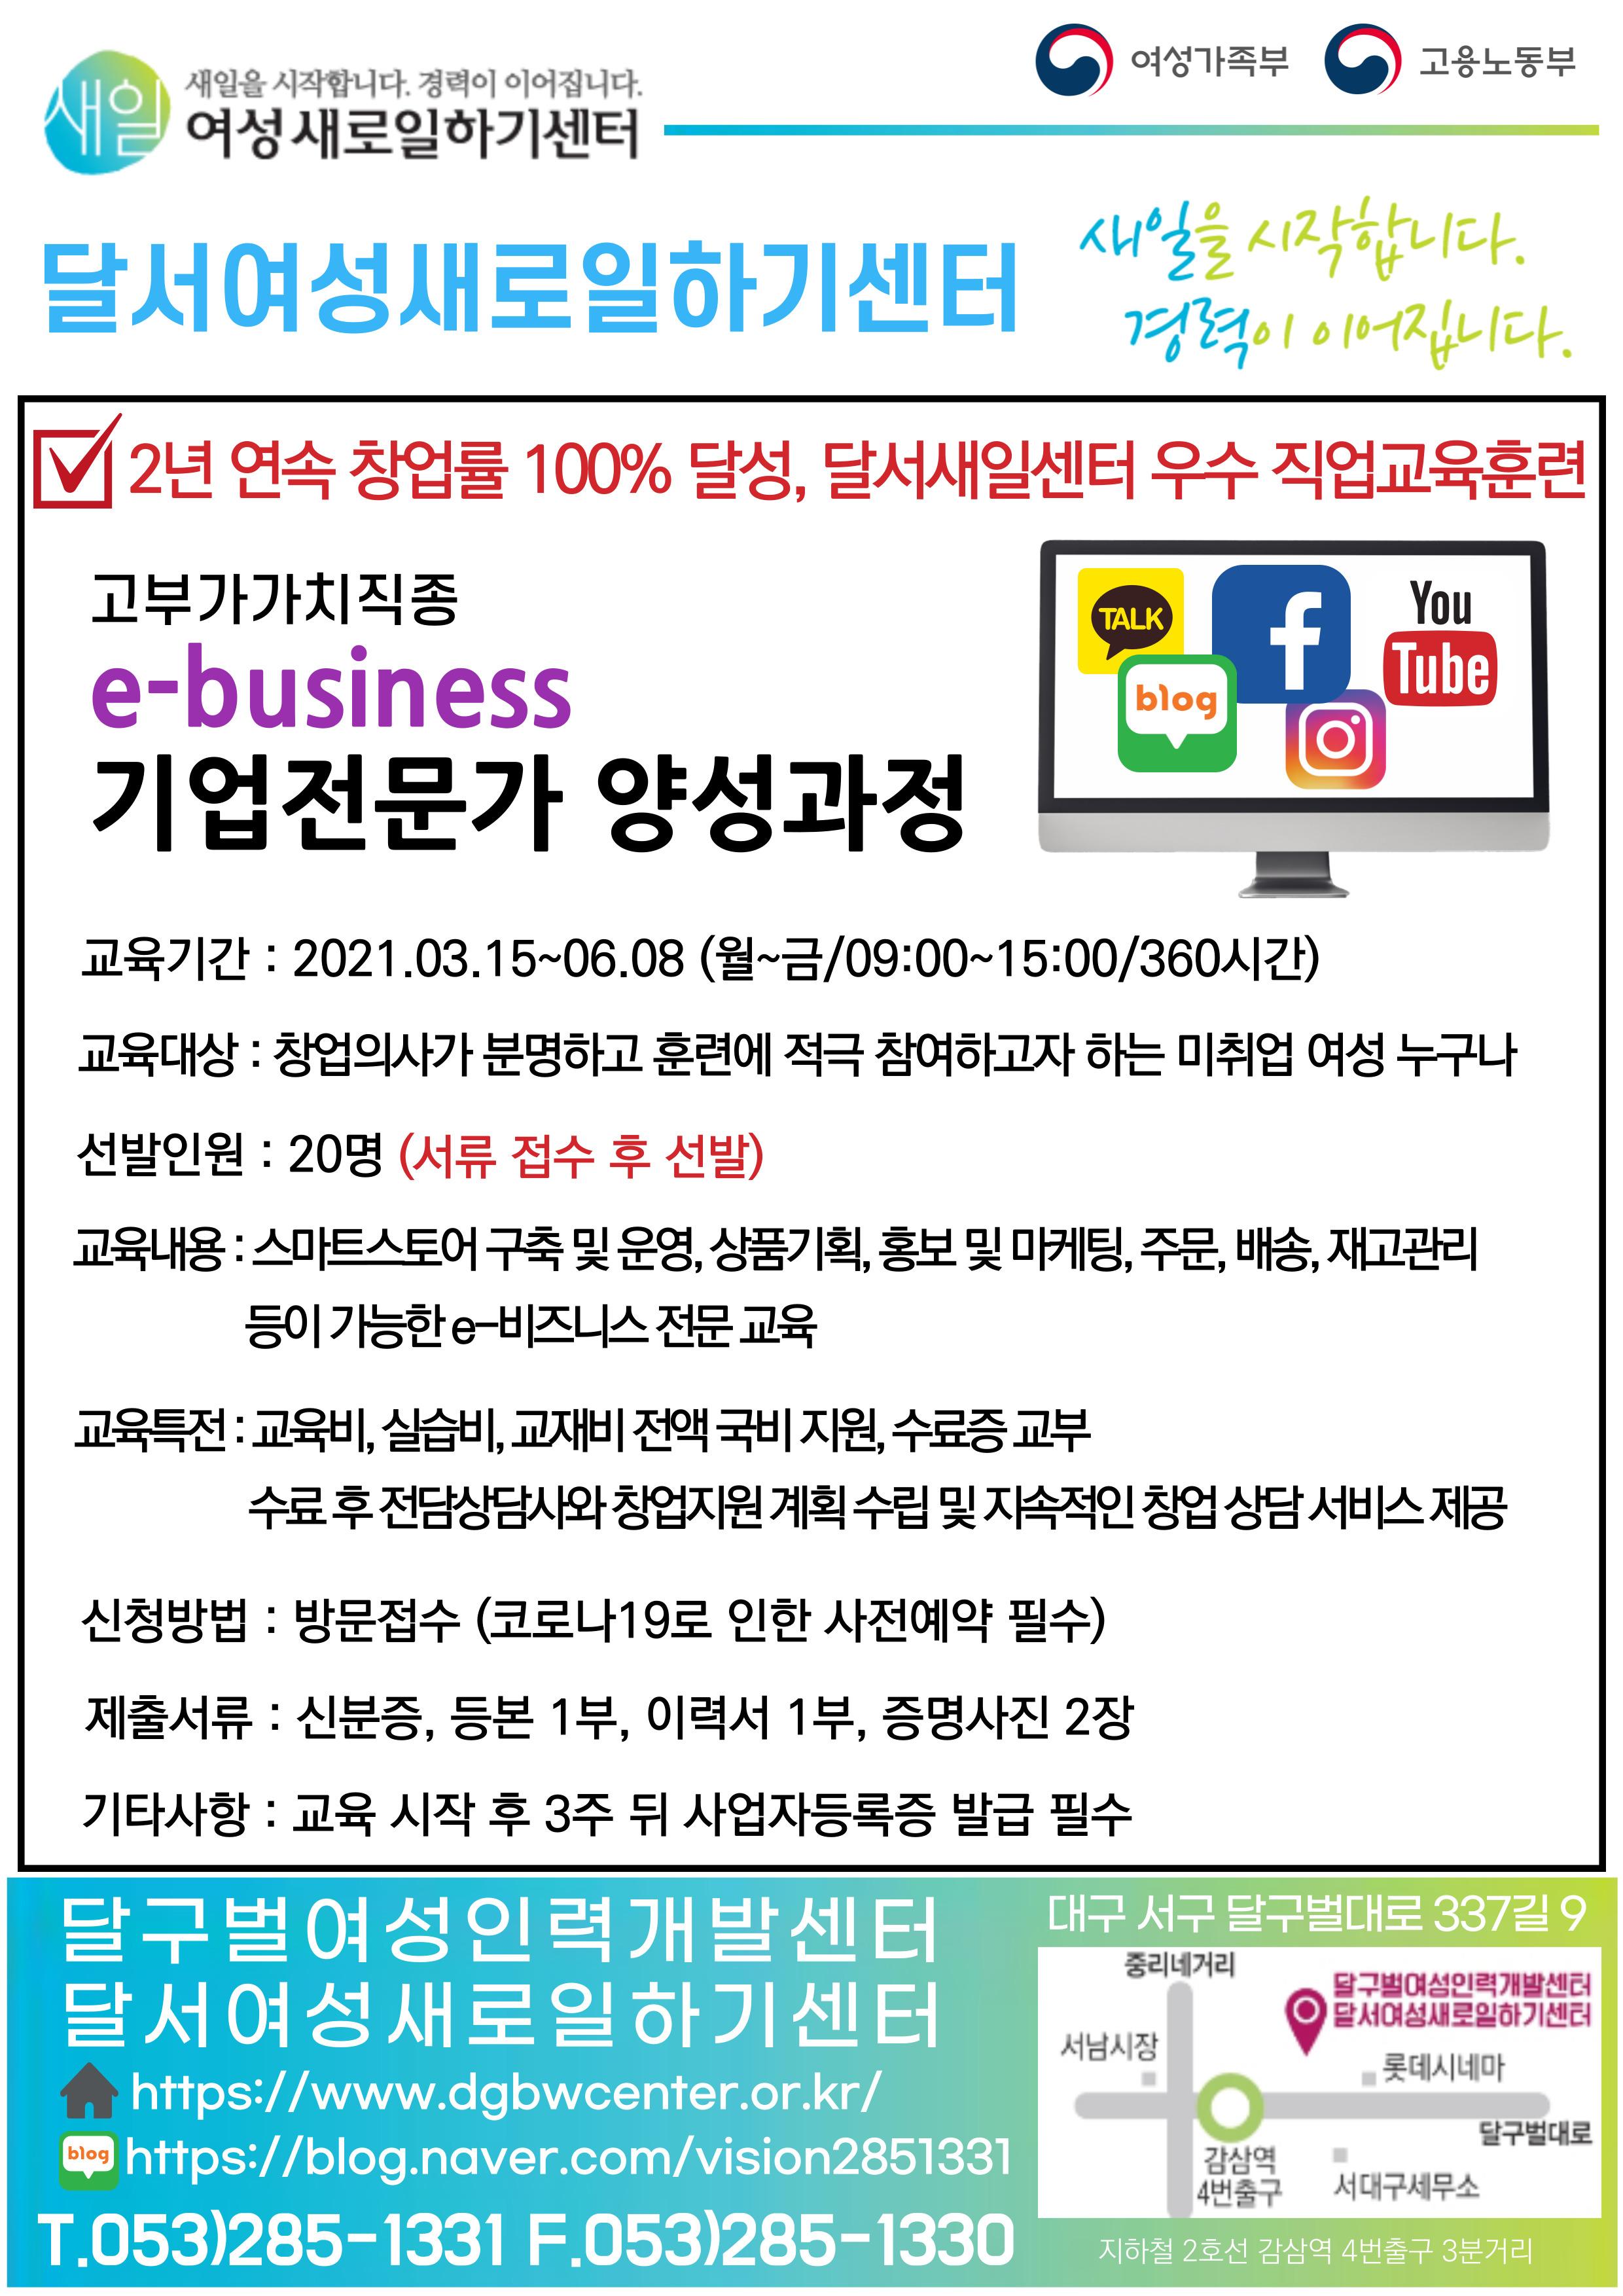 e-business 홍보전단.jpg